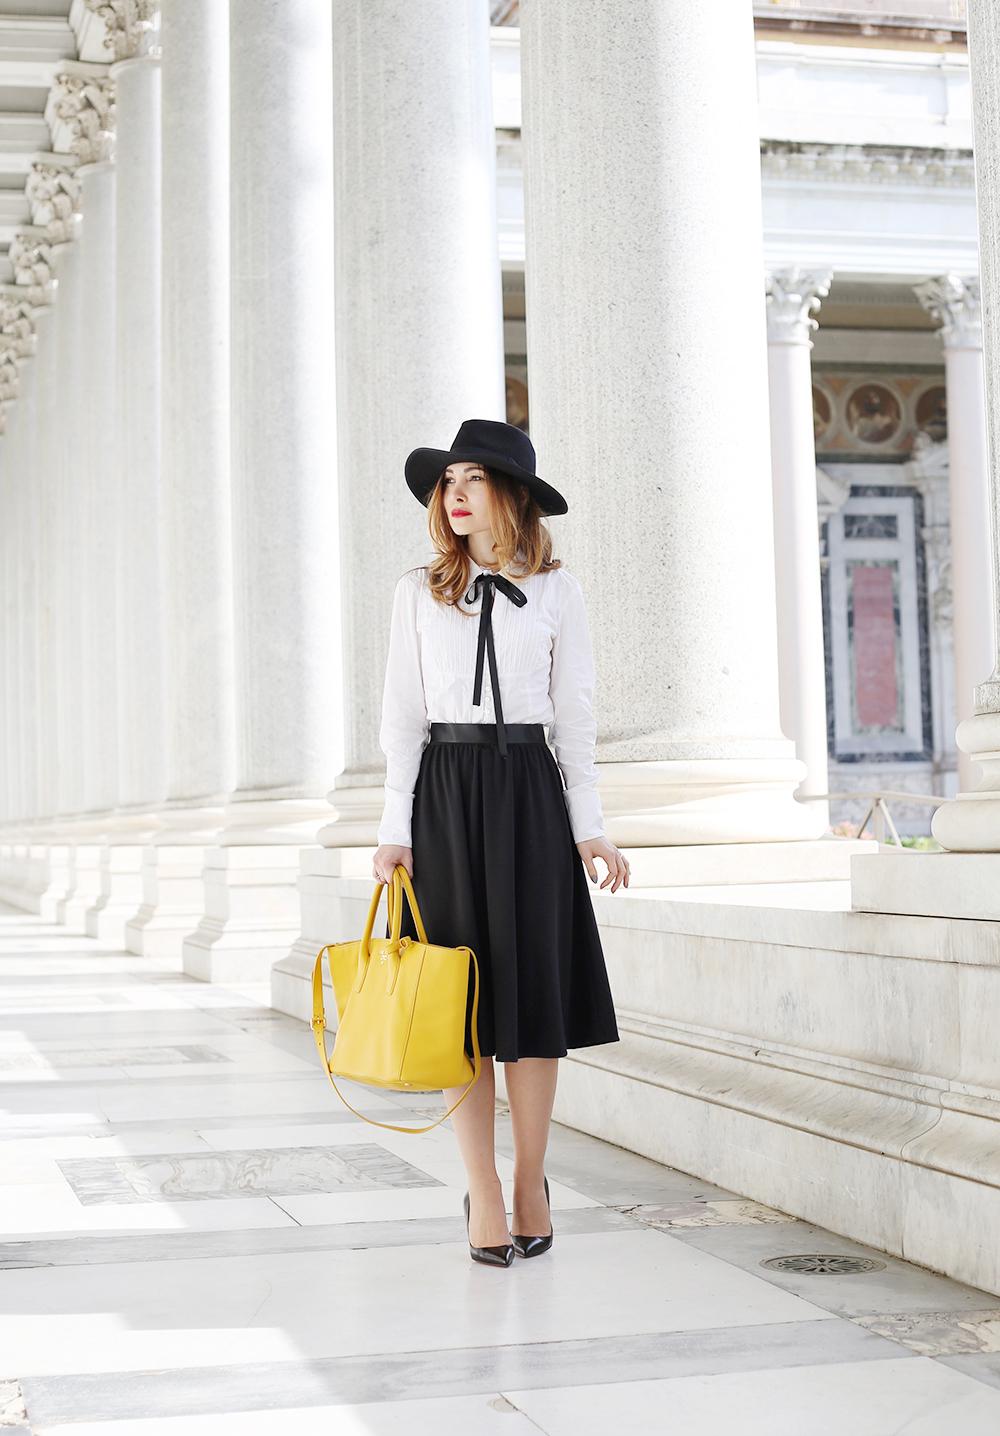 Amish style la moda del momento veronica fashion for Stile architettonico del capo cod